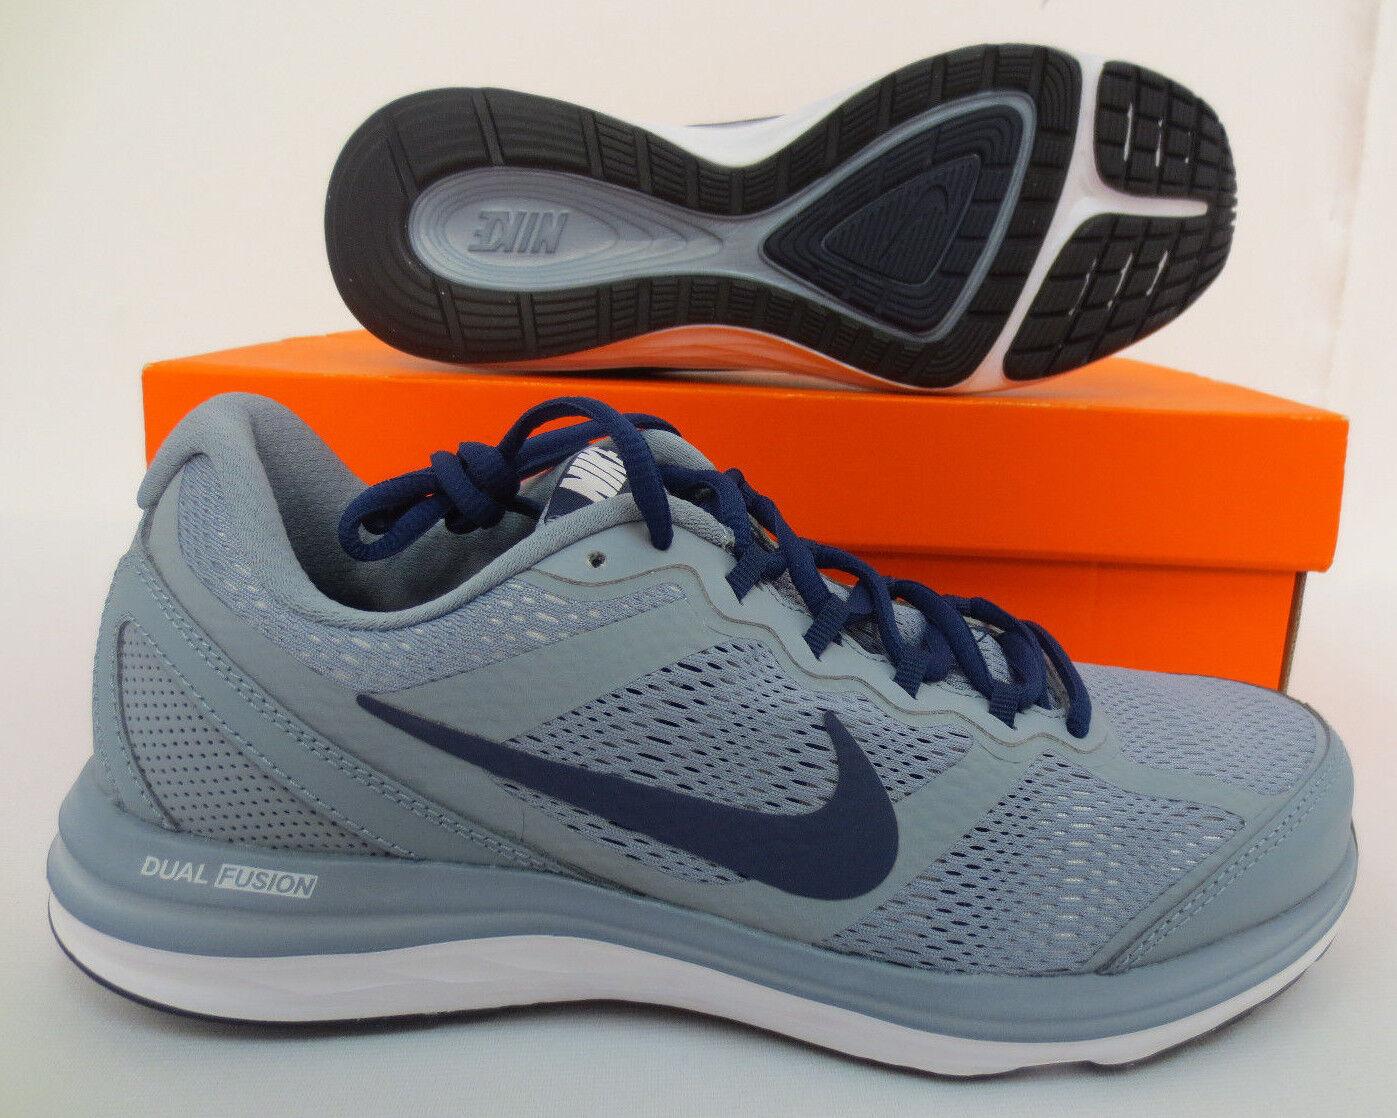 Nike doppelten fusion run 3 männer größe 7,5 schuhe 653596 009 casual training laufen neue